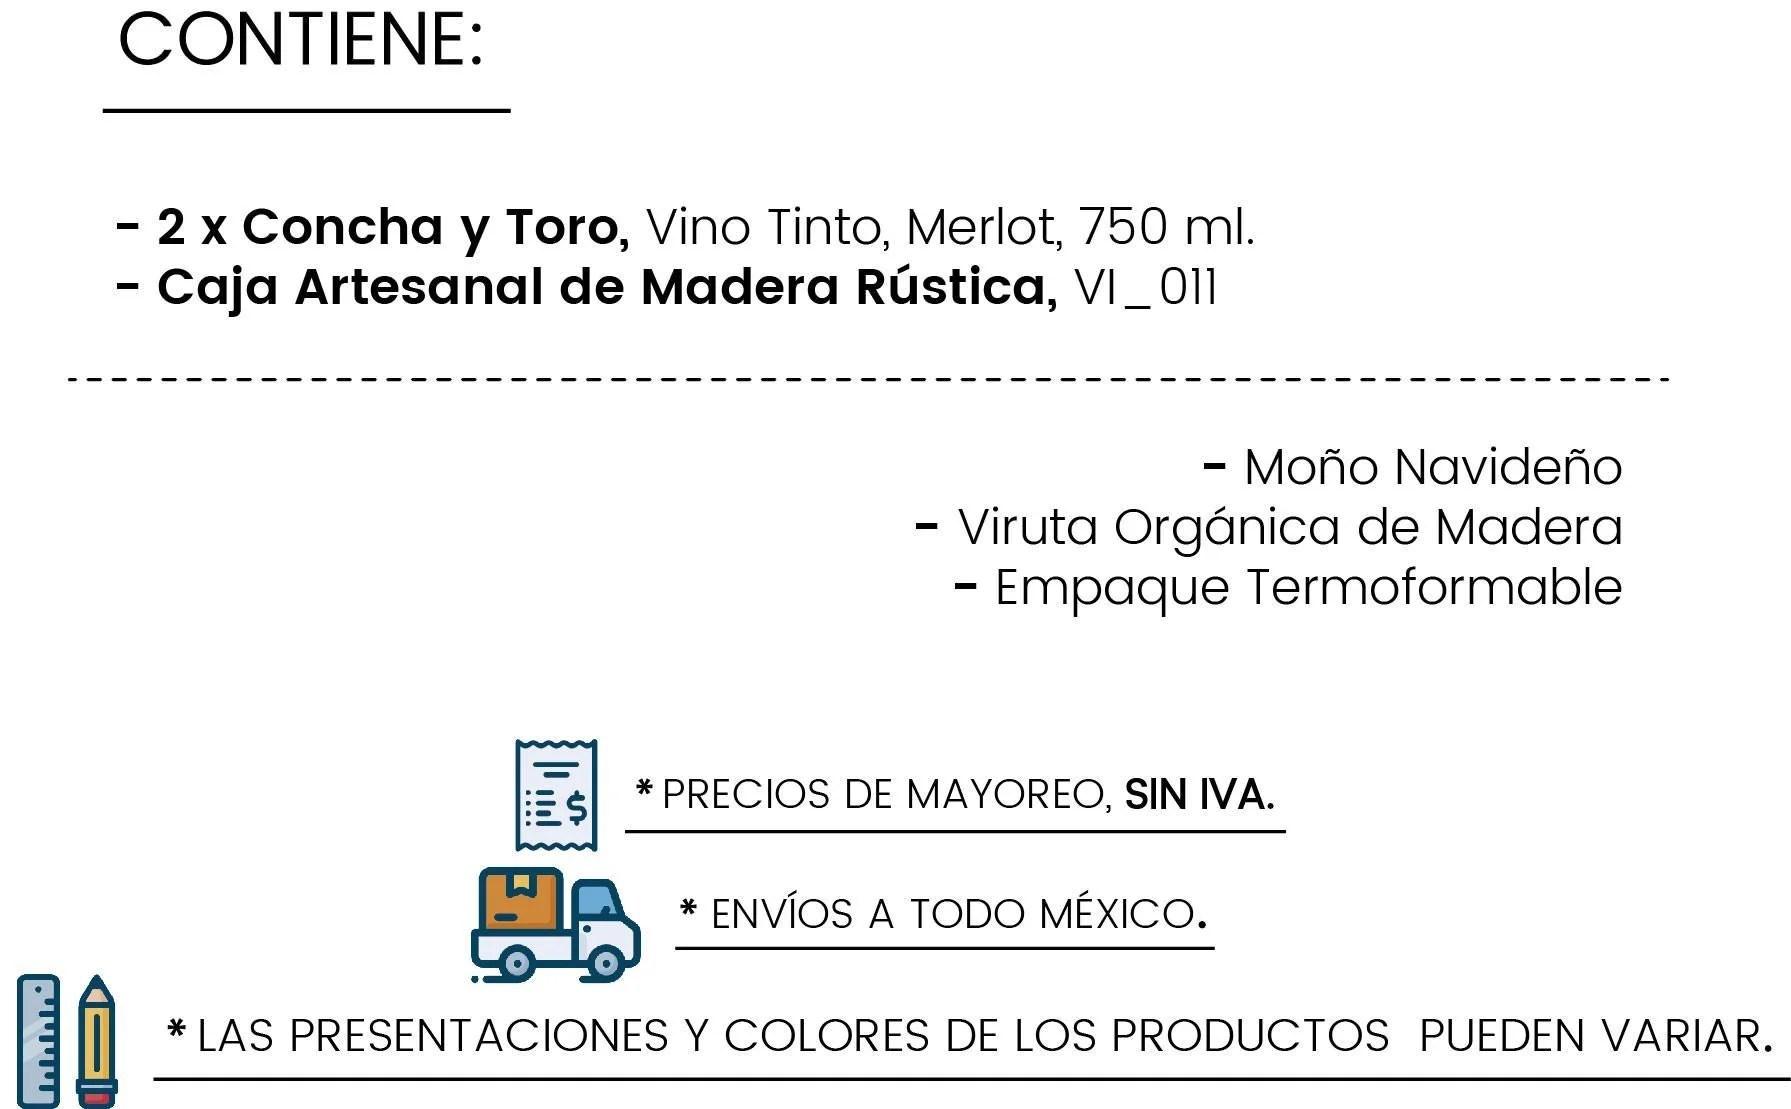 Contenido Caja Rústica con dos Tintos by Tienda de Canastas